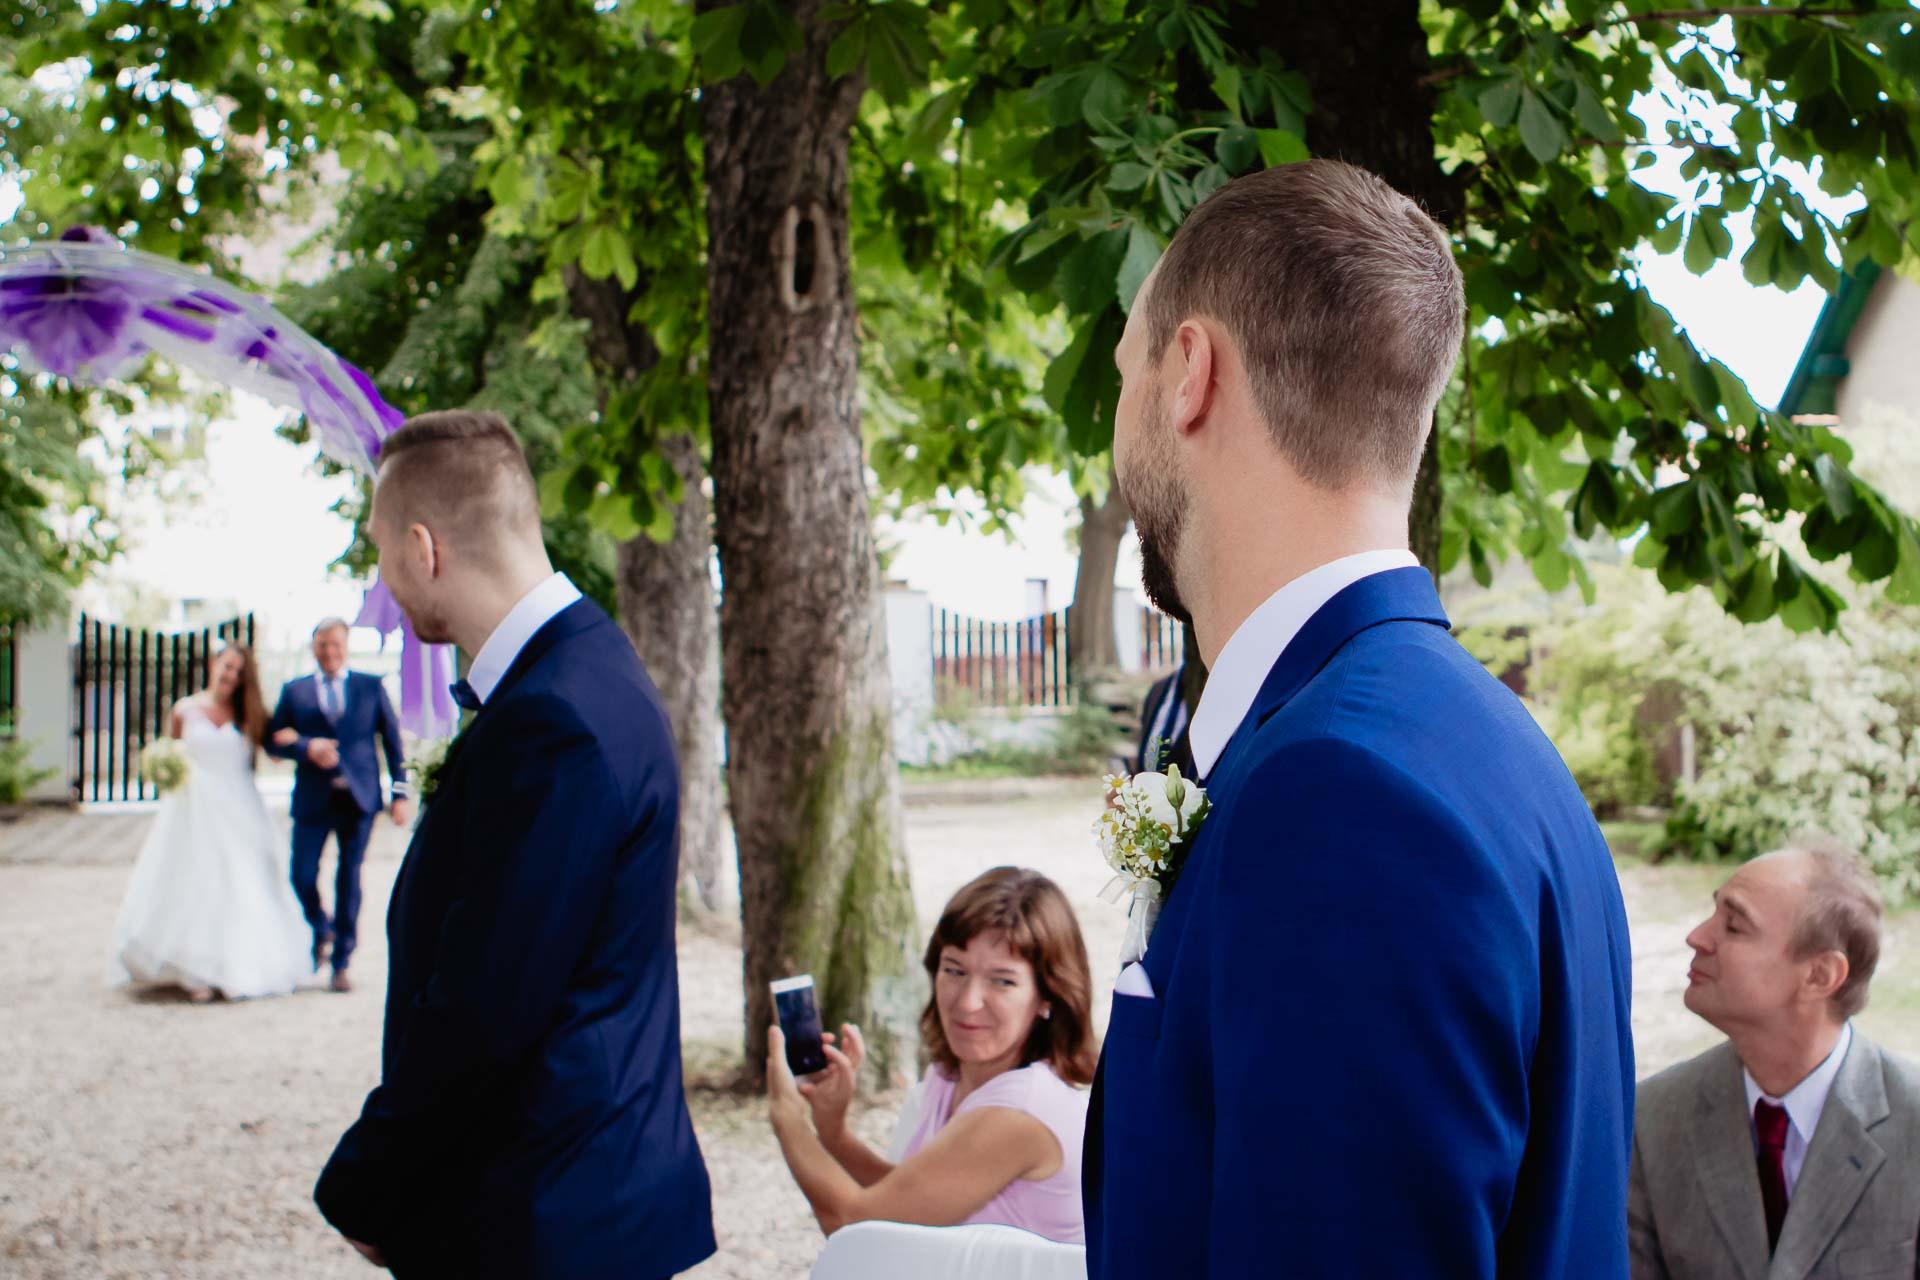 svatební-fotograf-dolní-počernice-svatební-fotograf-Zámecký-park-Dolní-Počernice-14